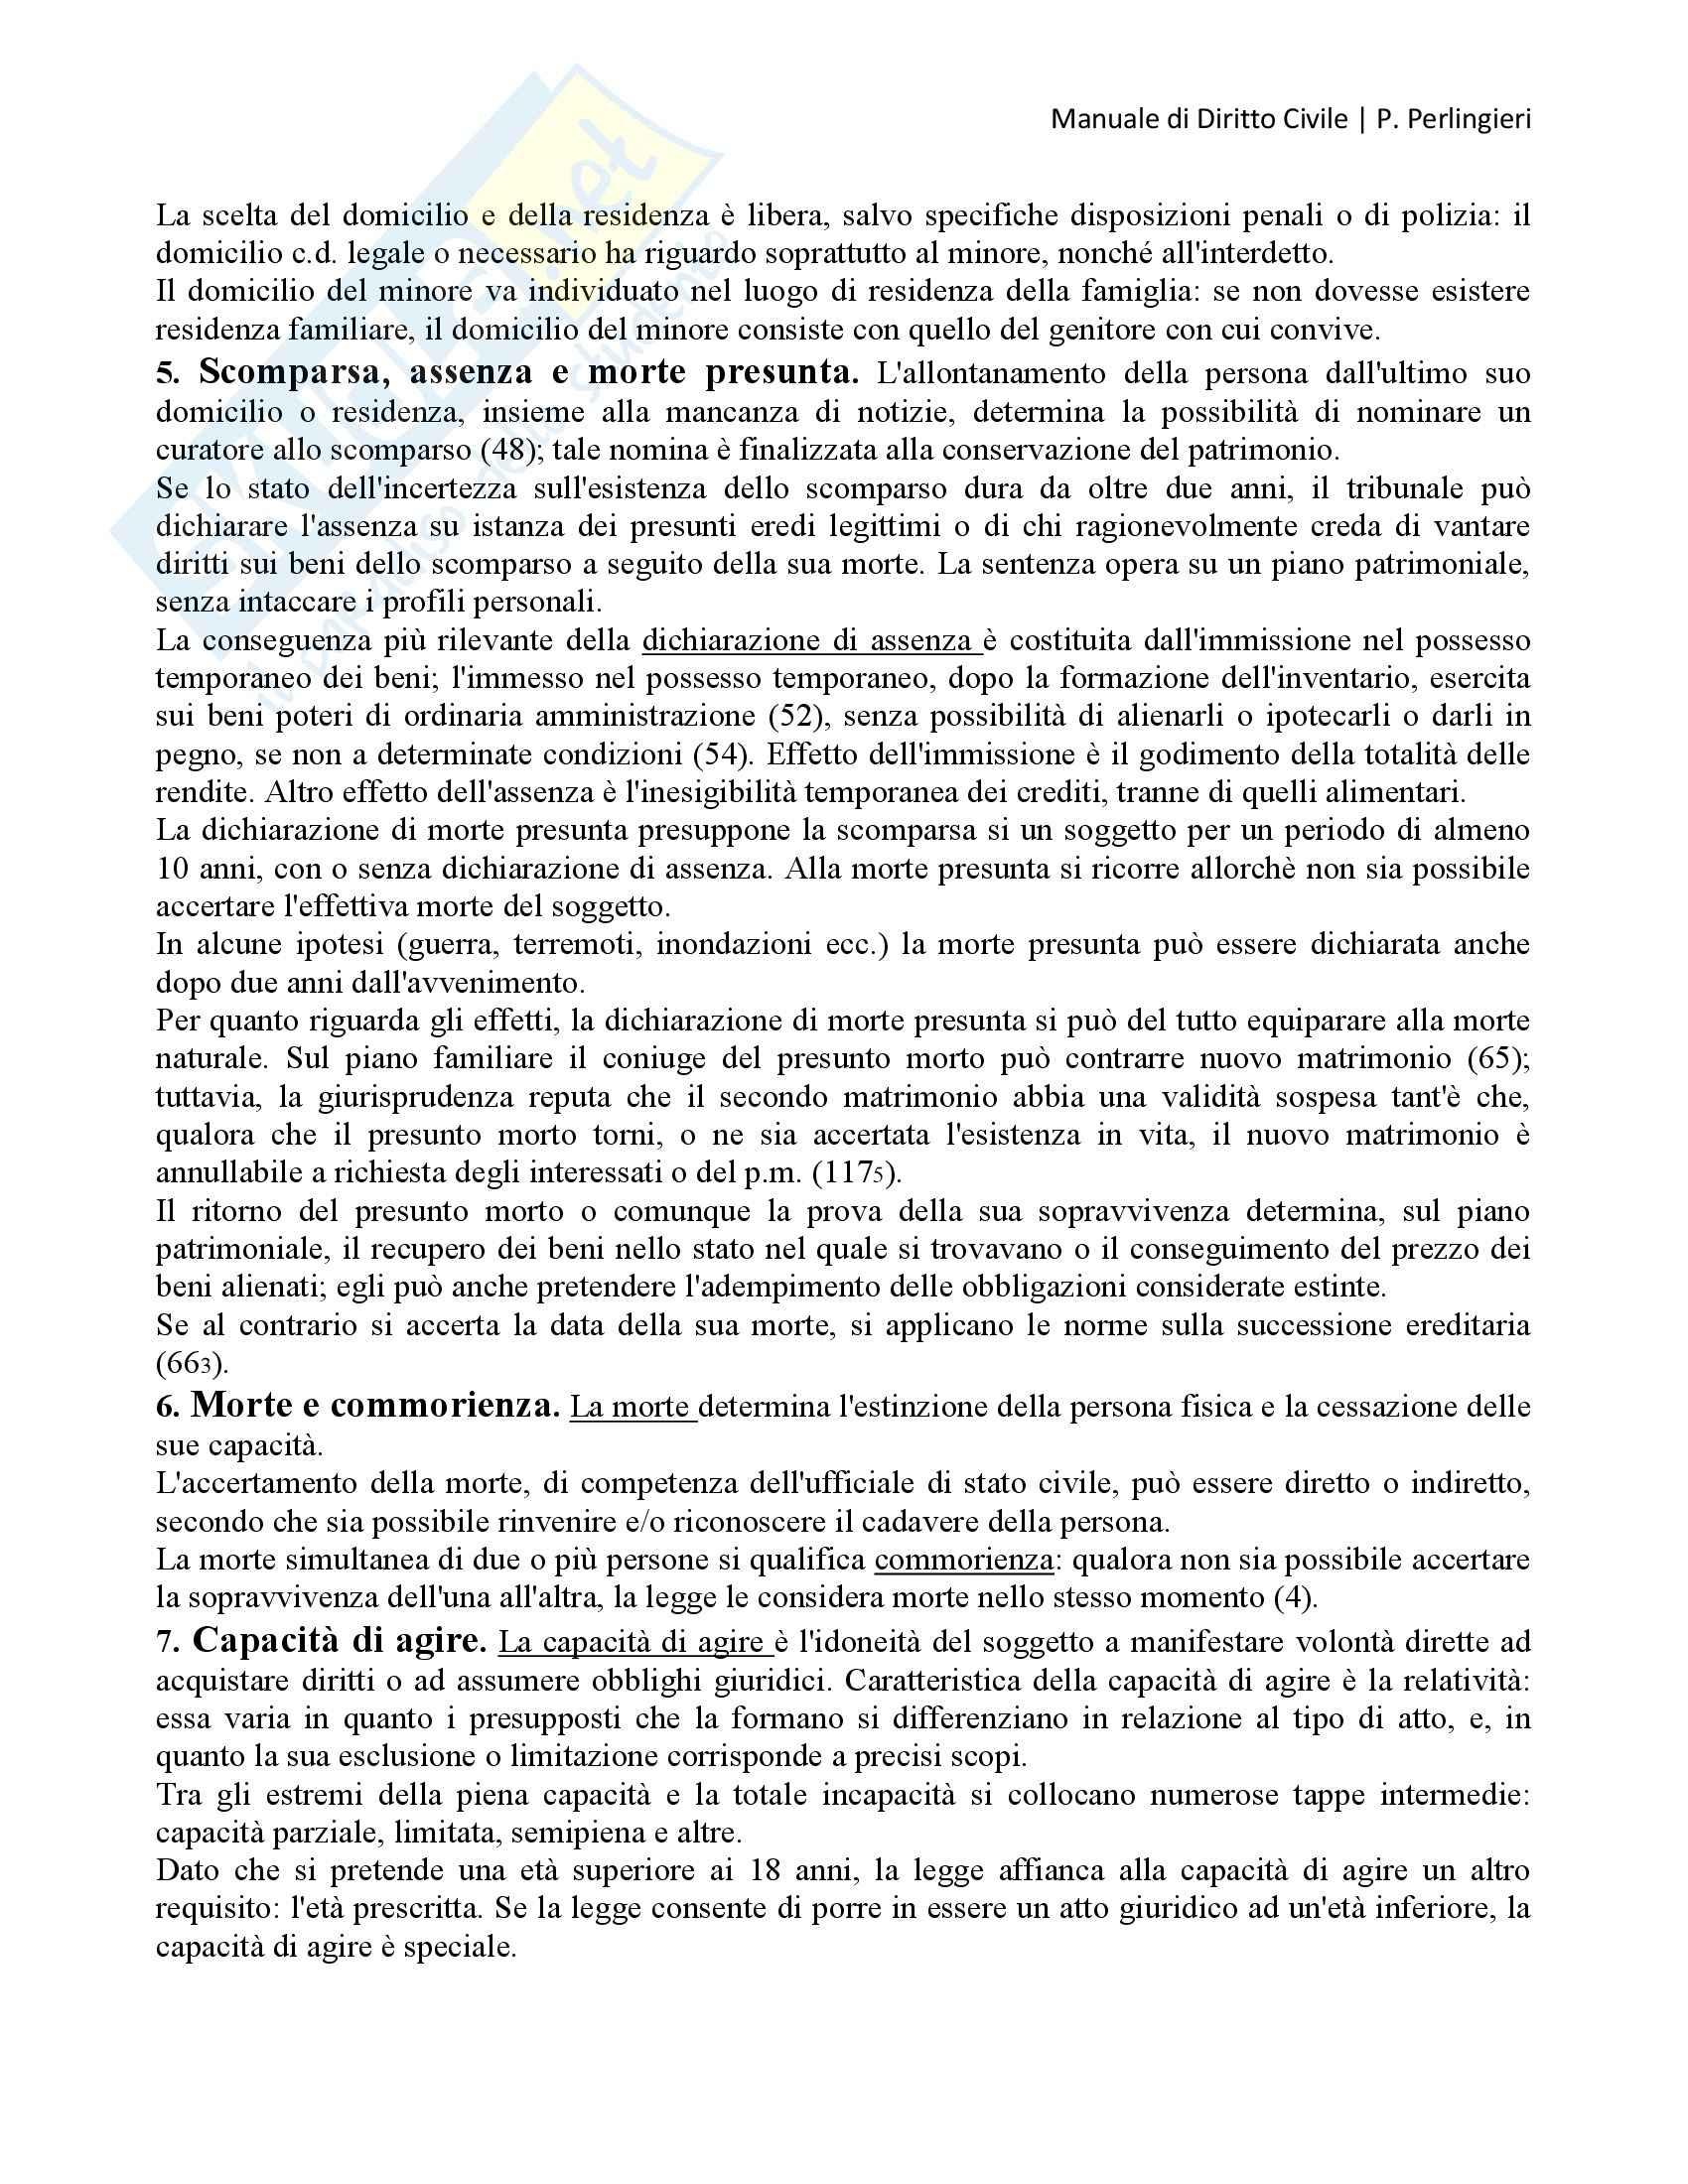 Manuale di Diritto Civile, Perlingieri - Persone fisiche e persone giuridiche Pag. 2